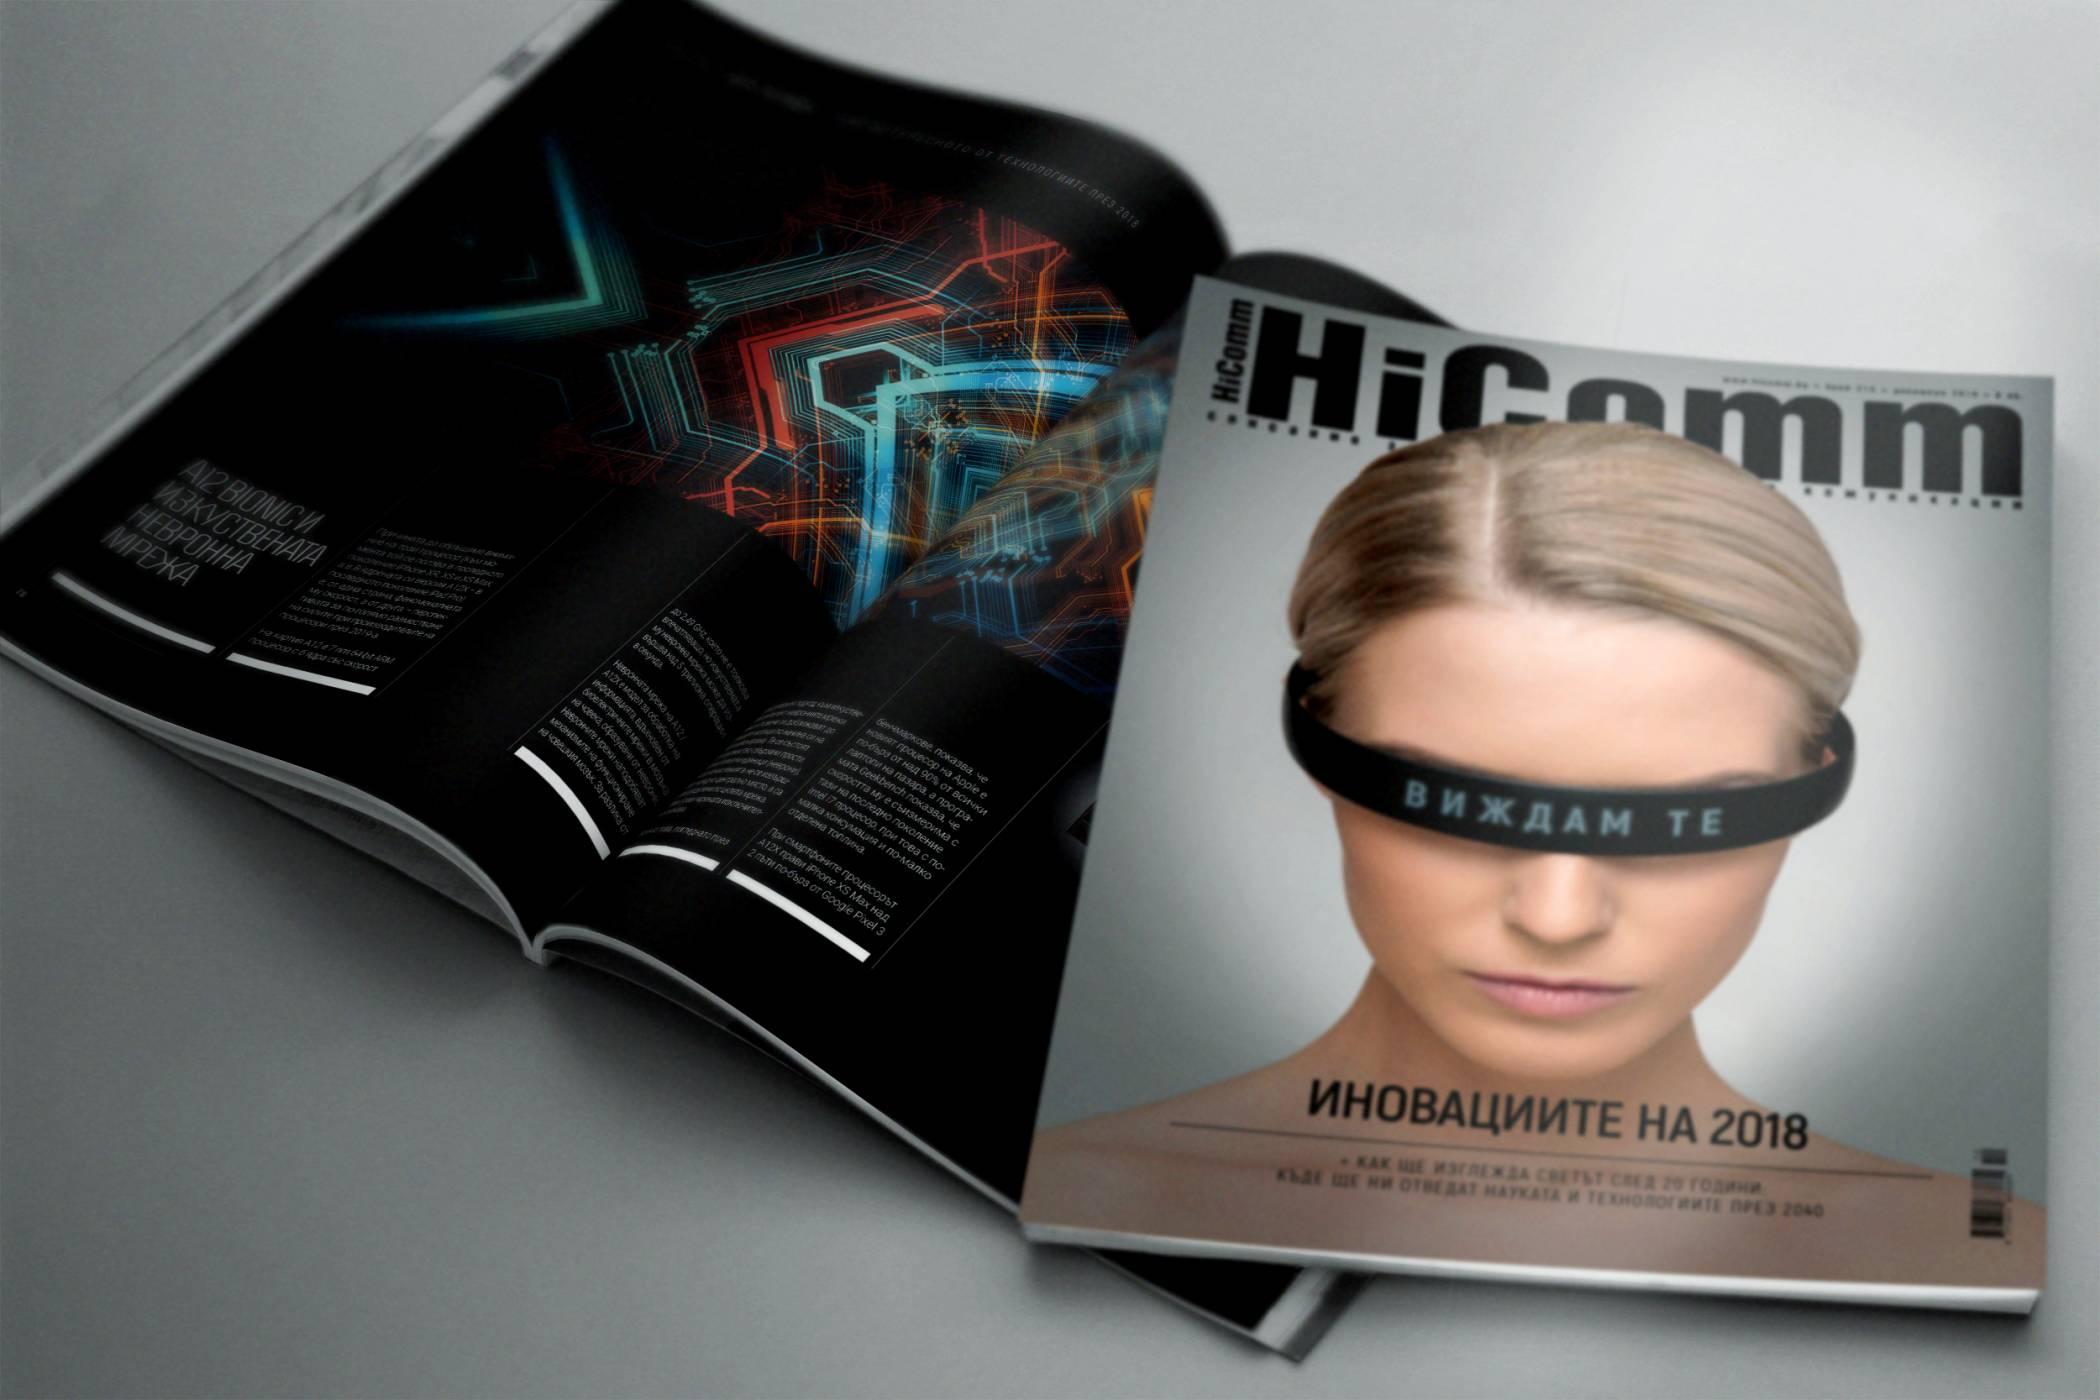 Технологичните постижения на 2018 и как ще изглежда светът през 2040 – в HiComm брой 210